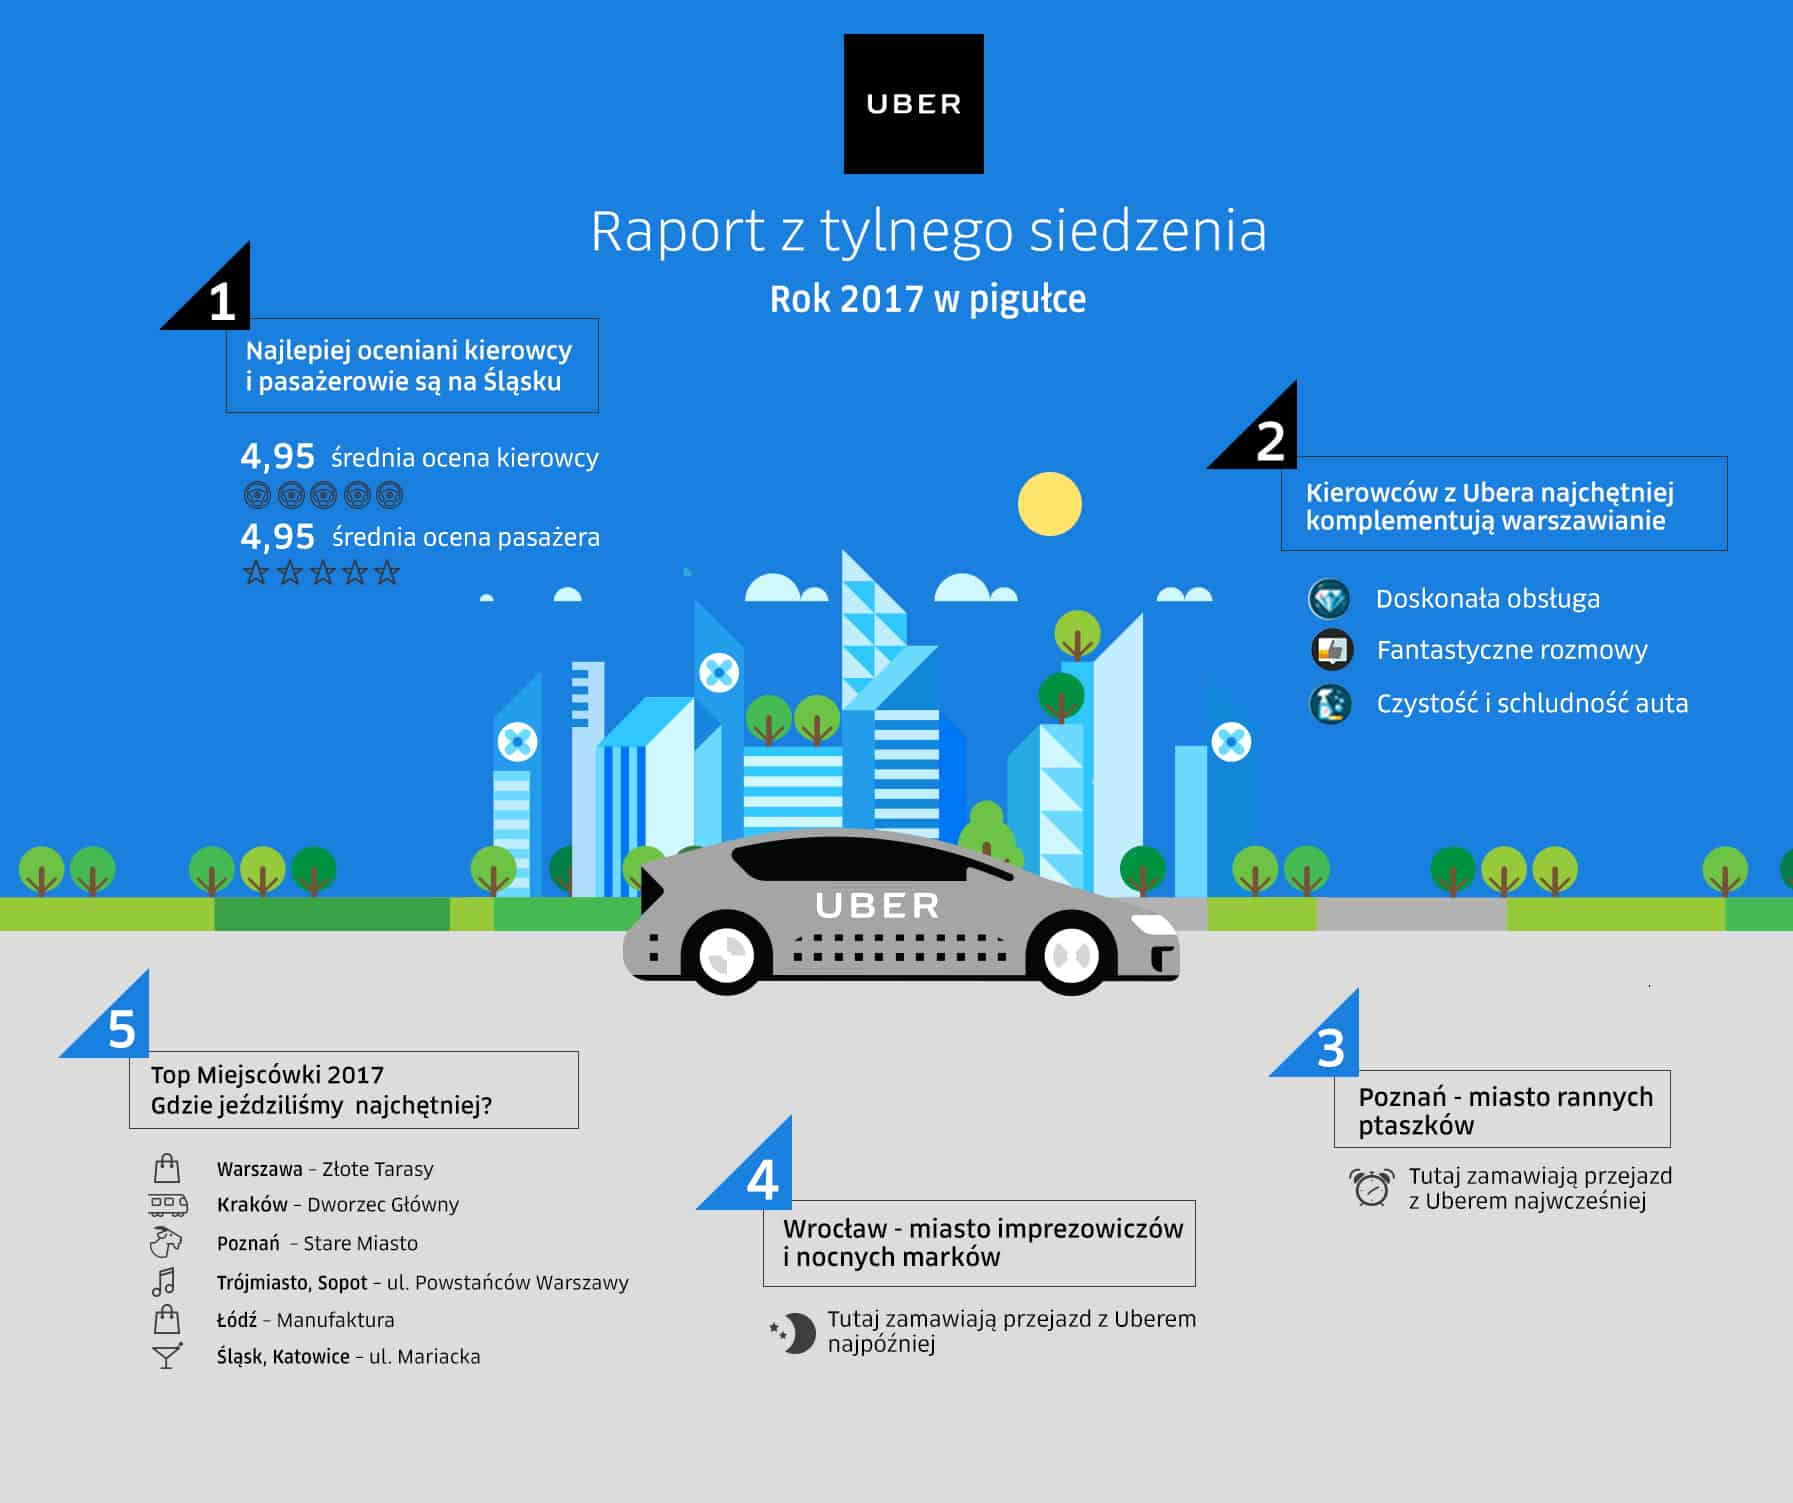 Uber 2017 Raport z tylnego siedzenia